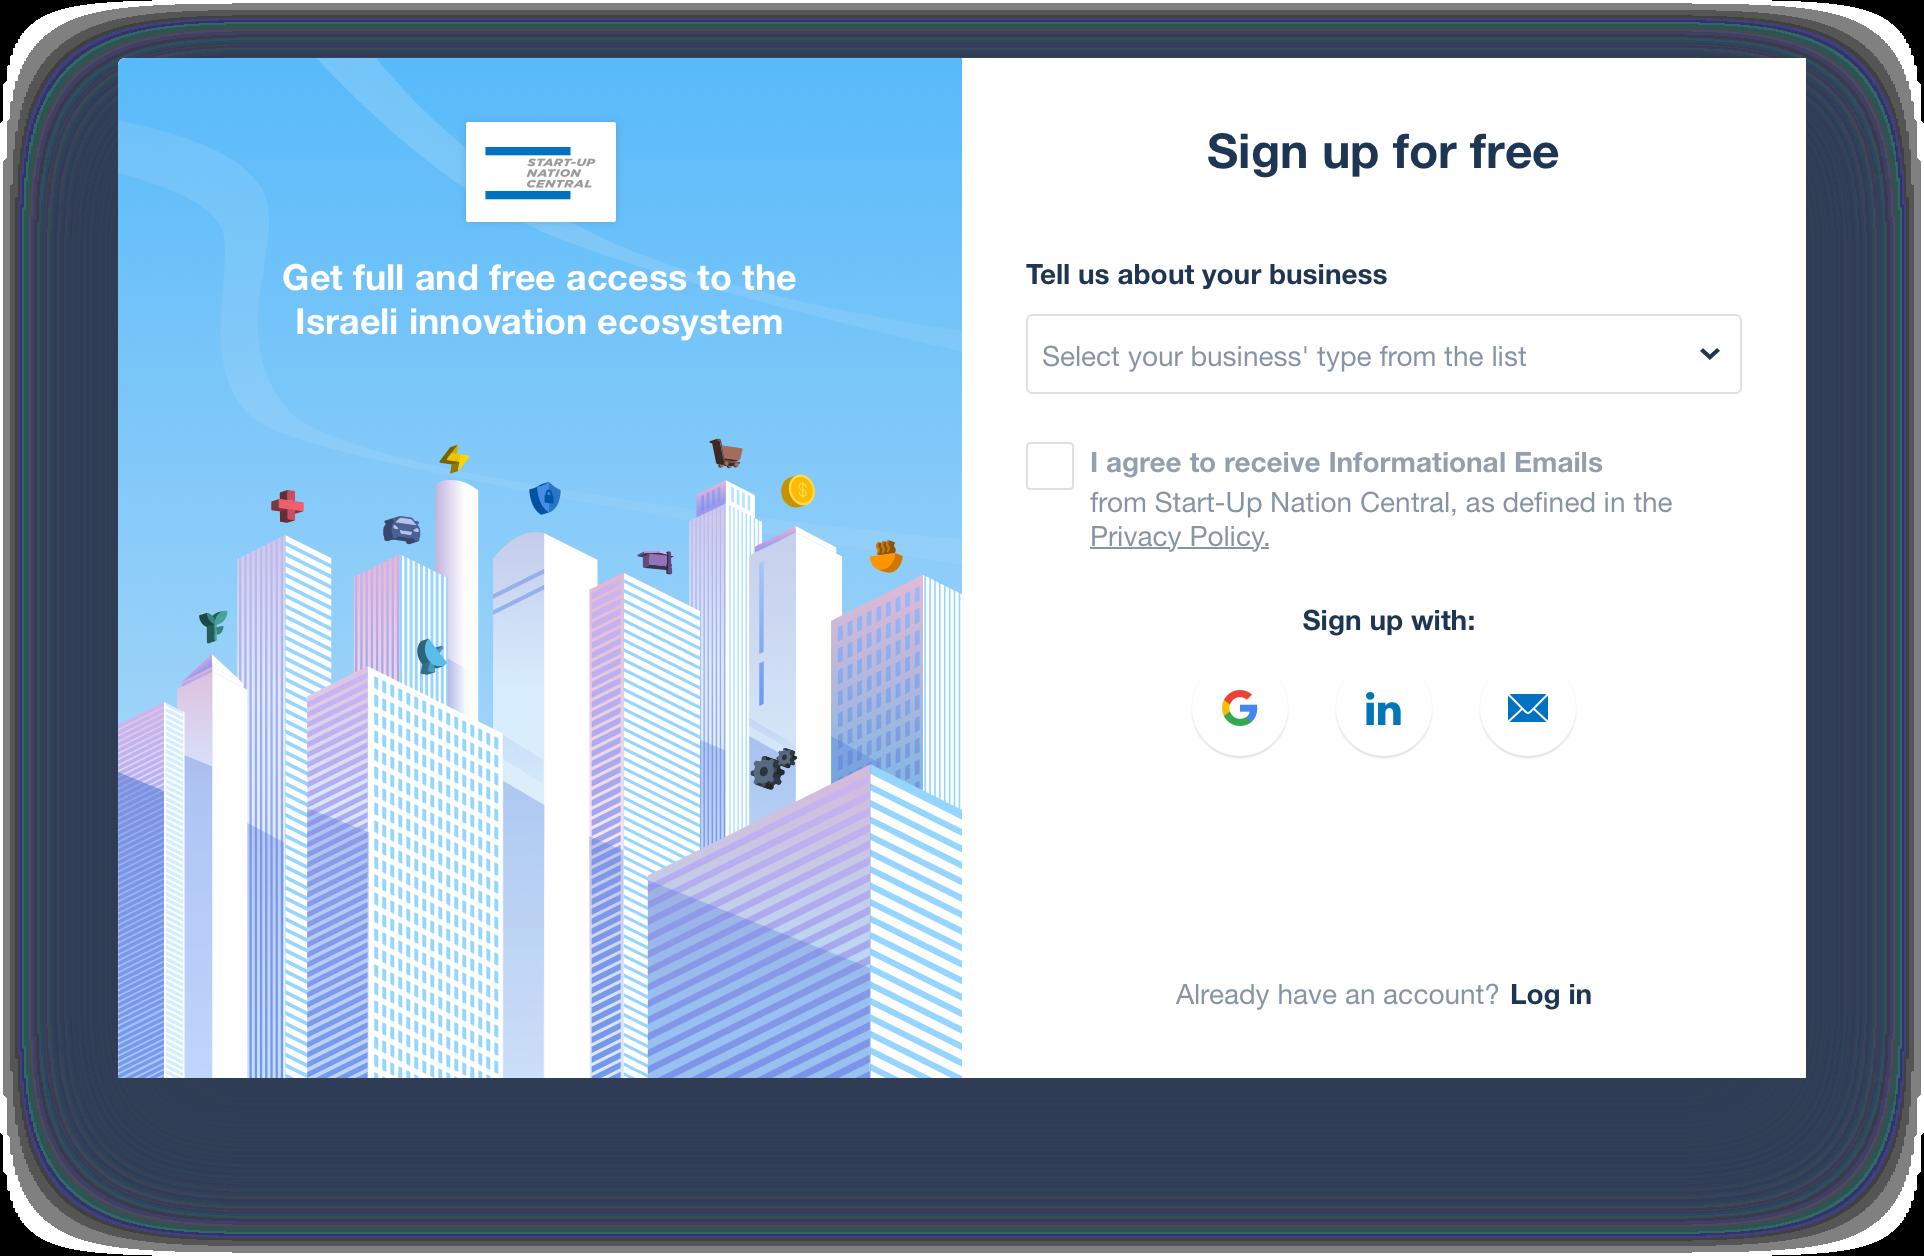 Start-Up Nation Finder's new sign up popup